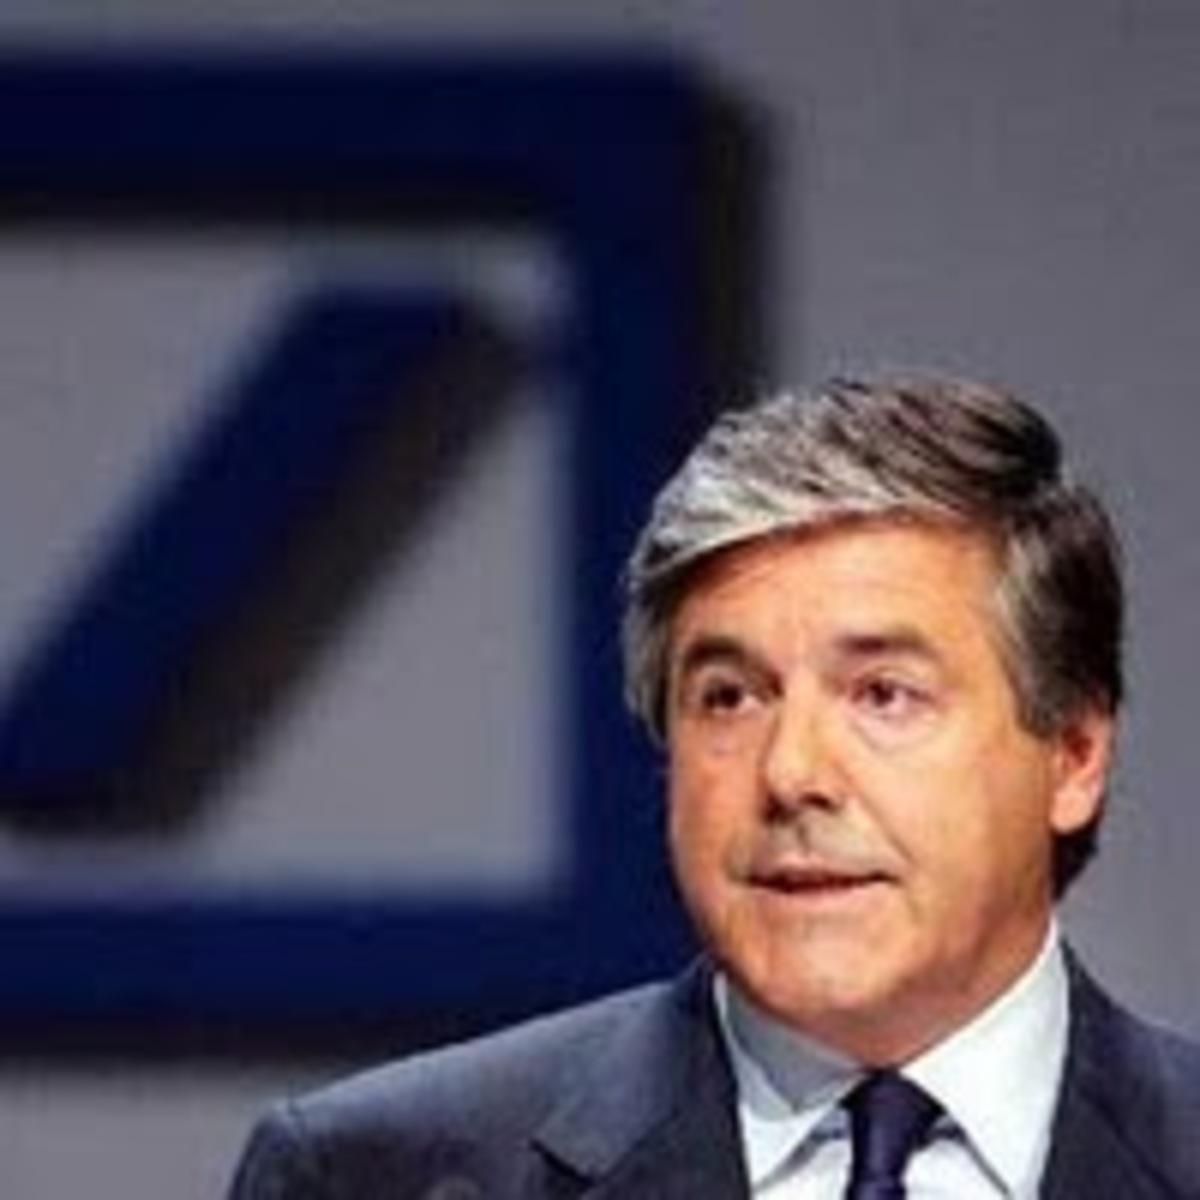 Κορυφαίος γερμανός τραπεζίτης: «Αμφιβάλω εάν θα ξεχρεώσει η Ελλάδα» | Newsit.gr